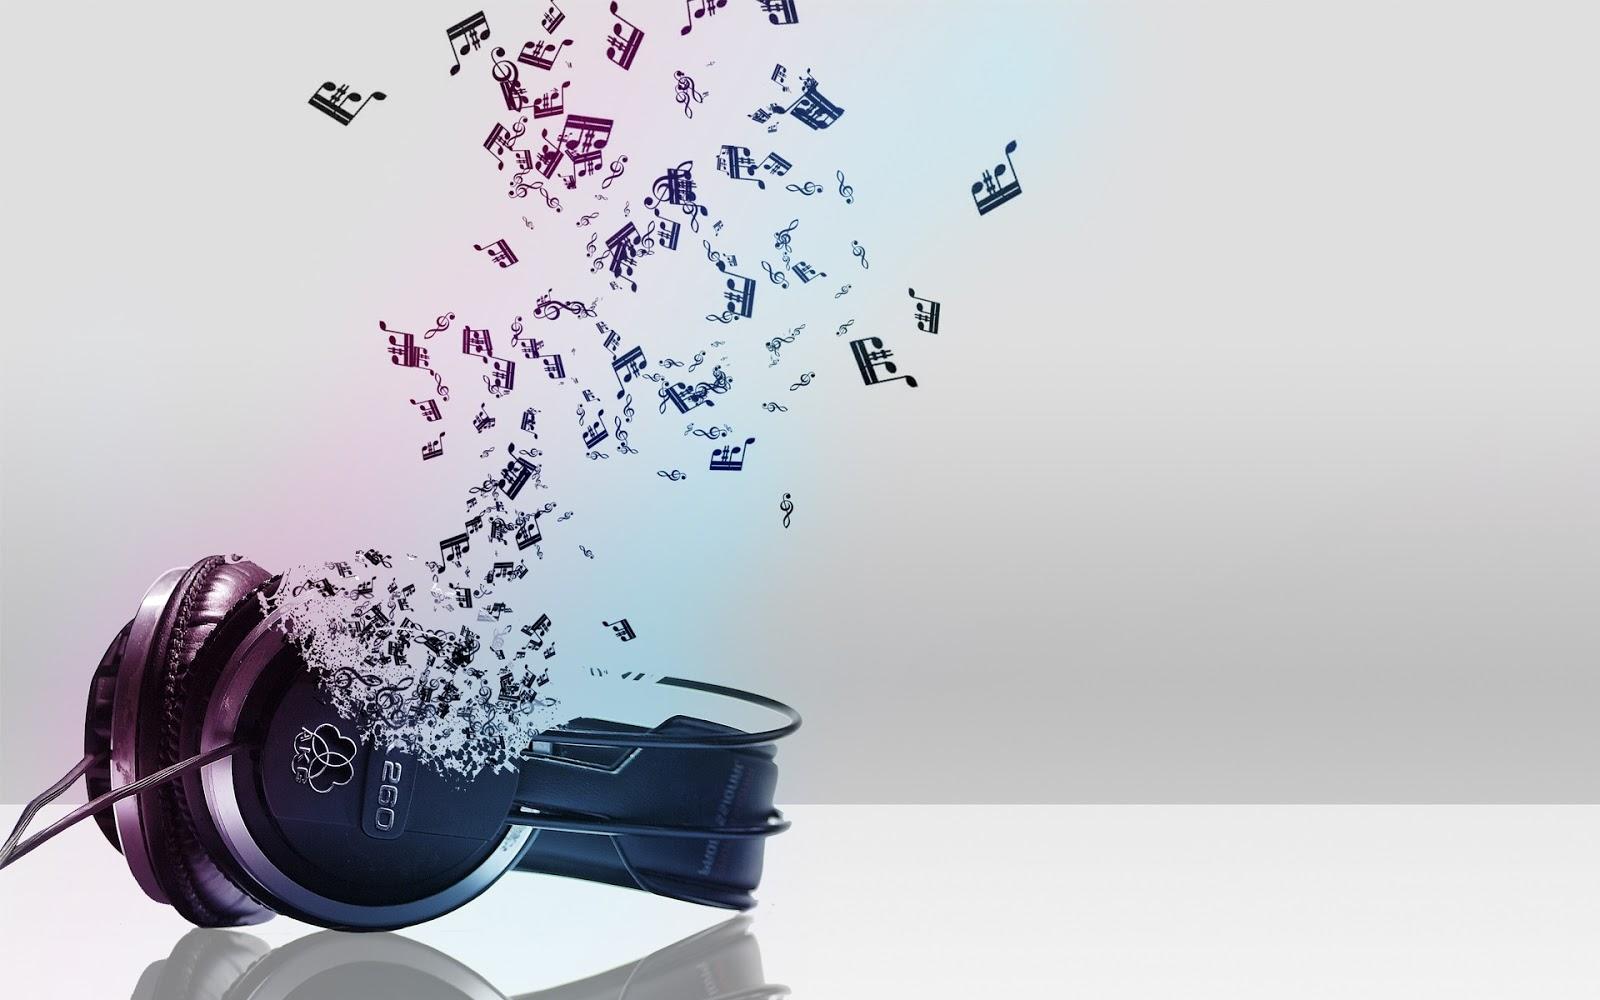 muzik berhenti dan bermain dengan sendirinya